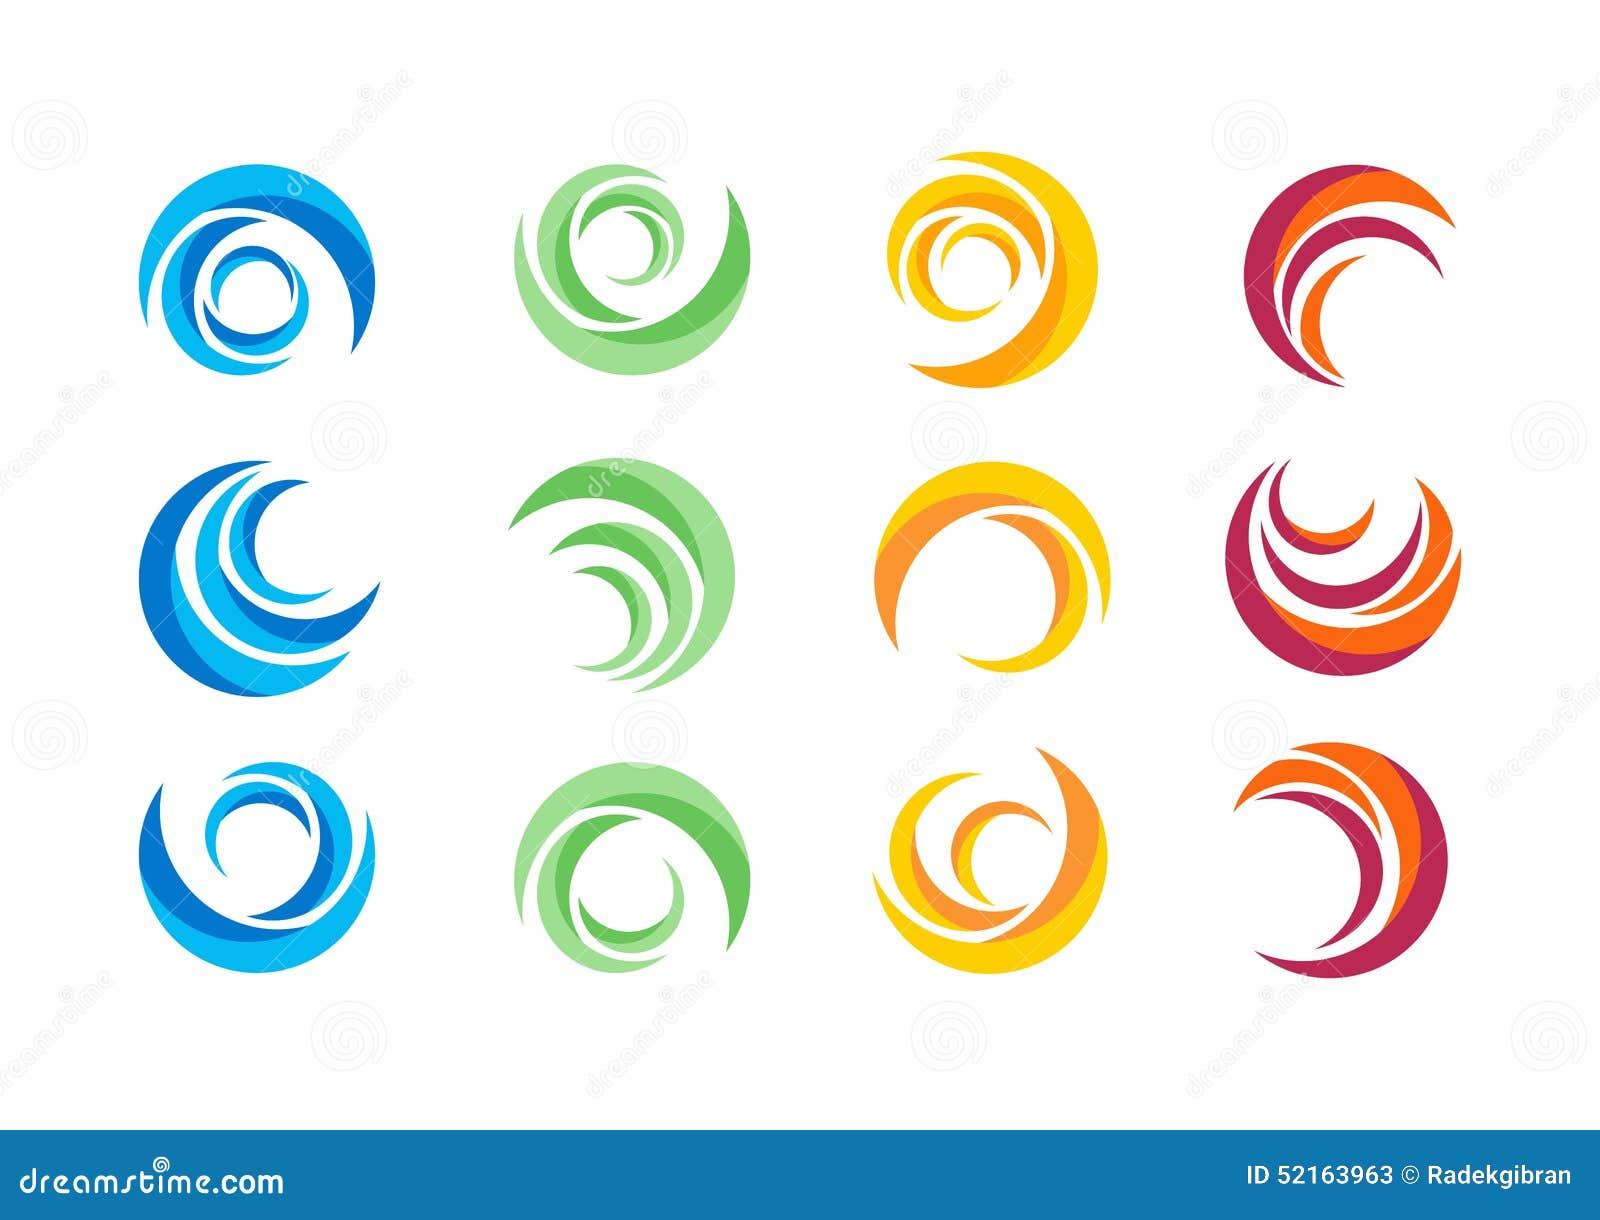 Cirkel, water, embleem, wind, gebied, installatie, bladeren, vleugels, vlam, zon, samenvatting, oneindigheid, Reeks van het ronde